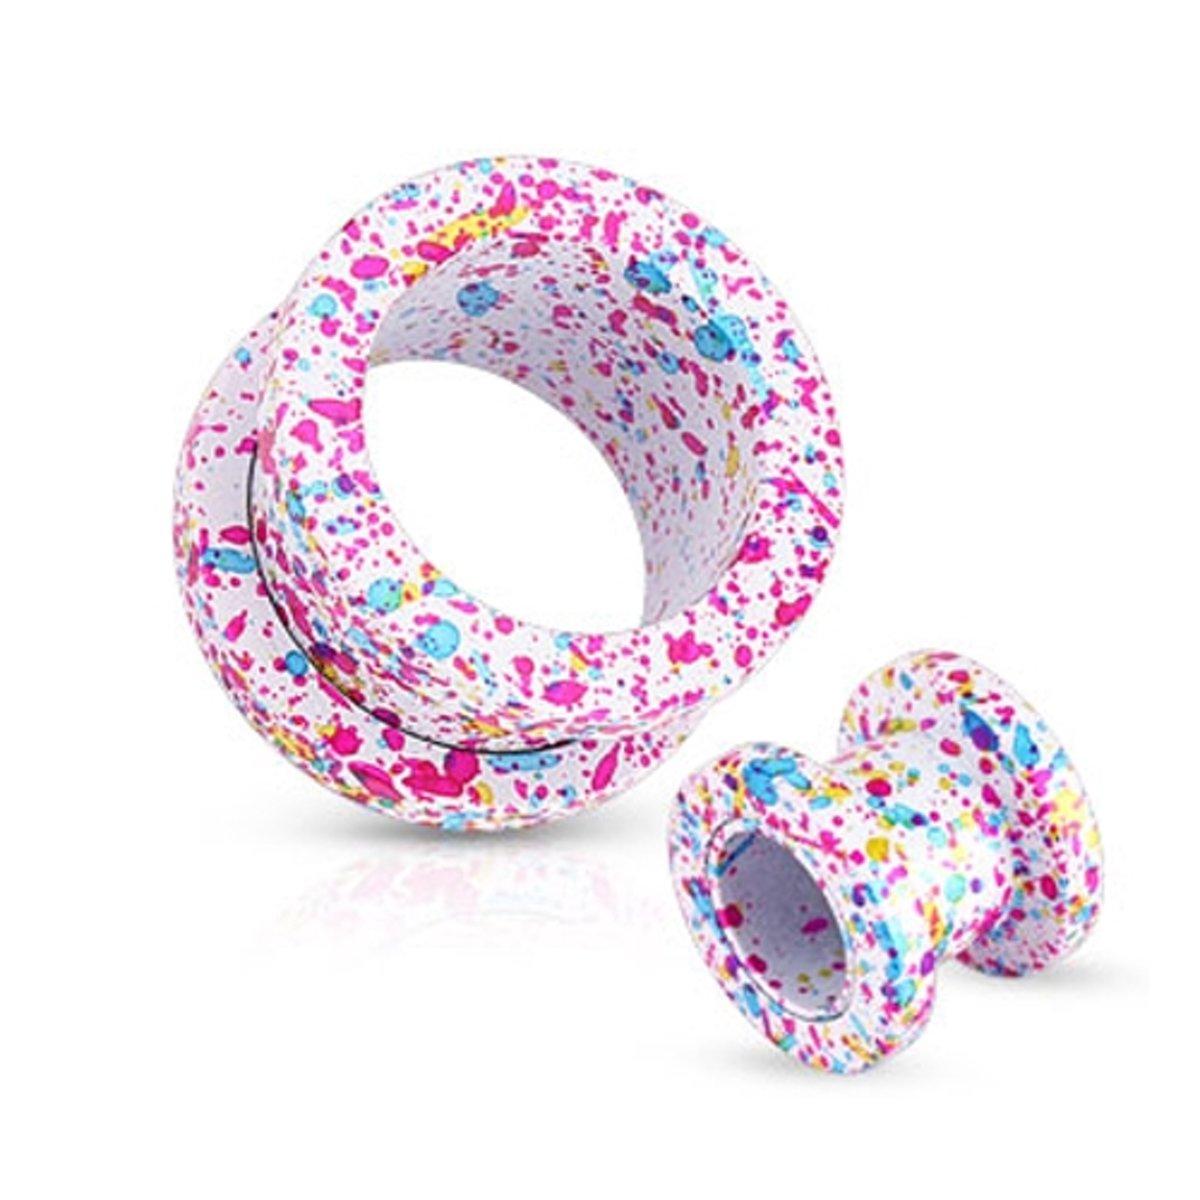 5 mm Screw-fit tunnel wit met roze, blauw, gele spetter ©LMPiercings kopen